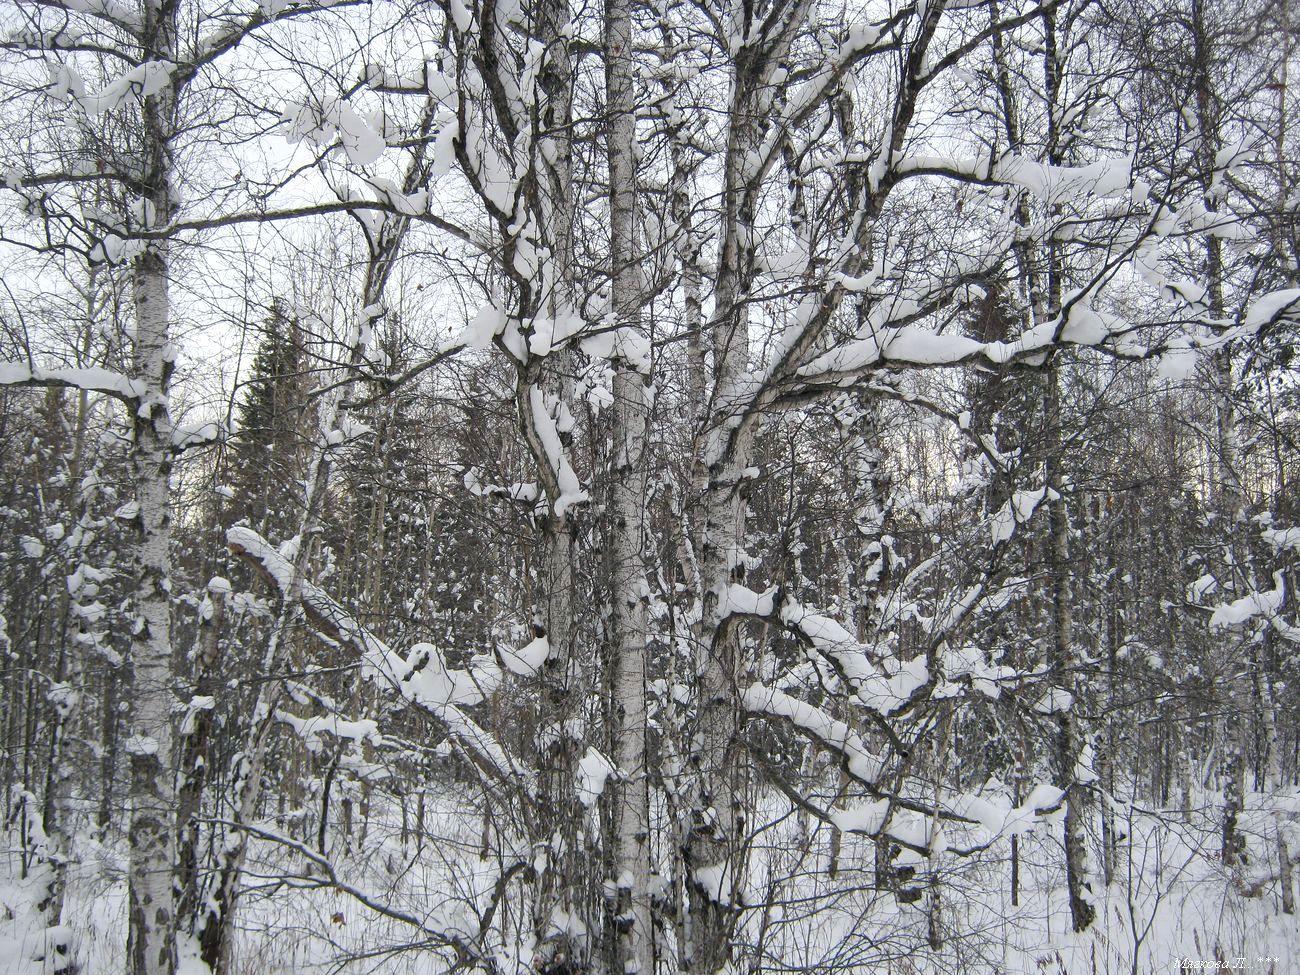 00 берёза снег _8469.jpg